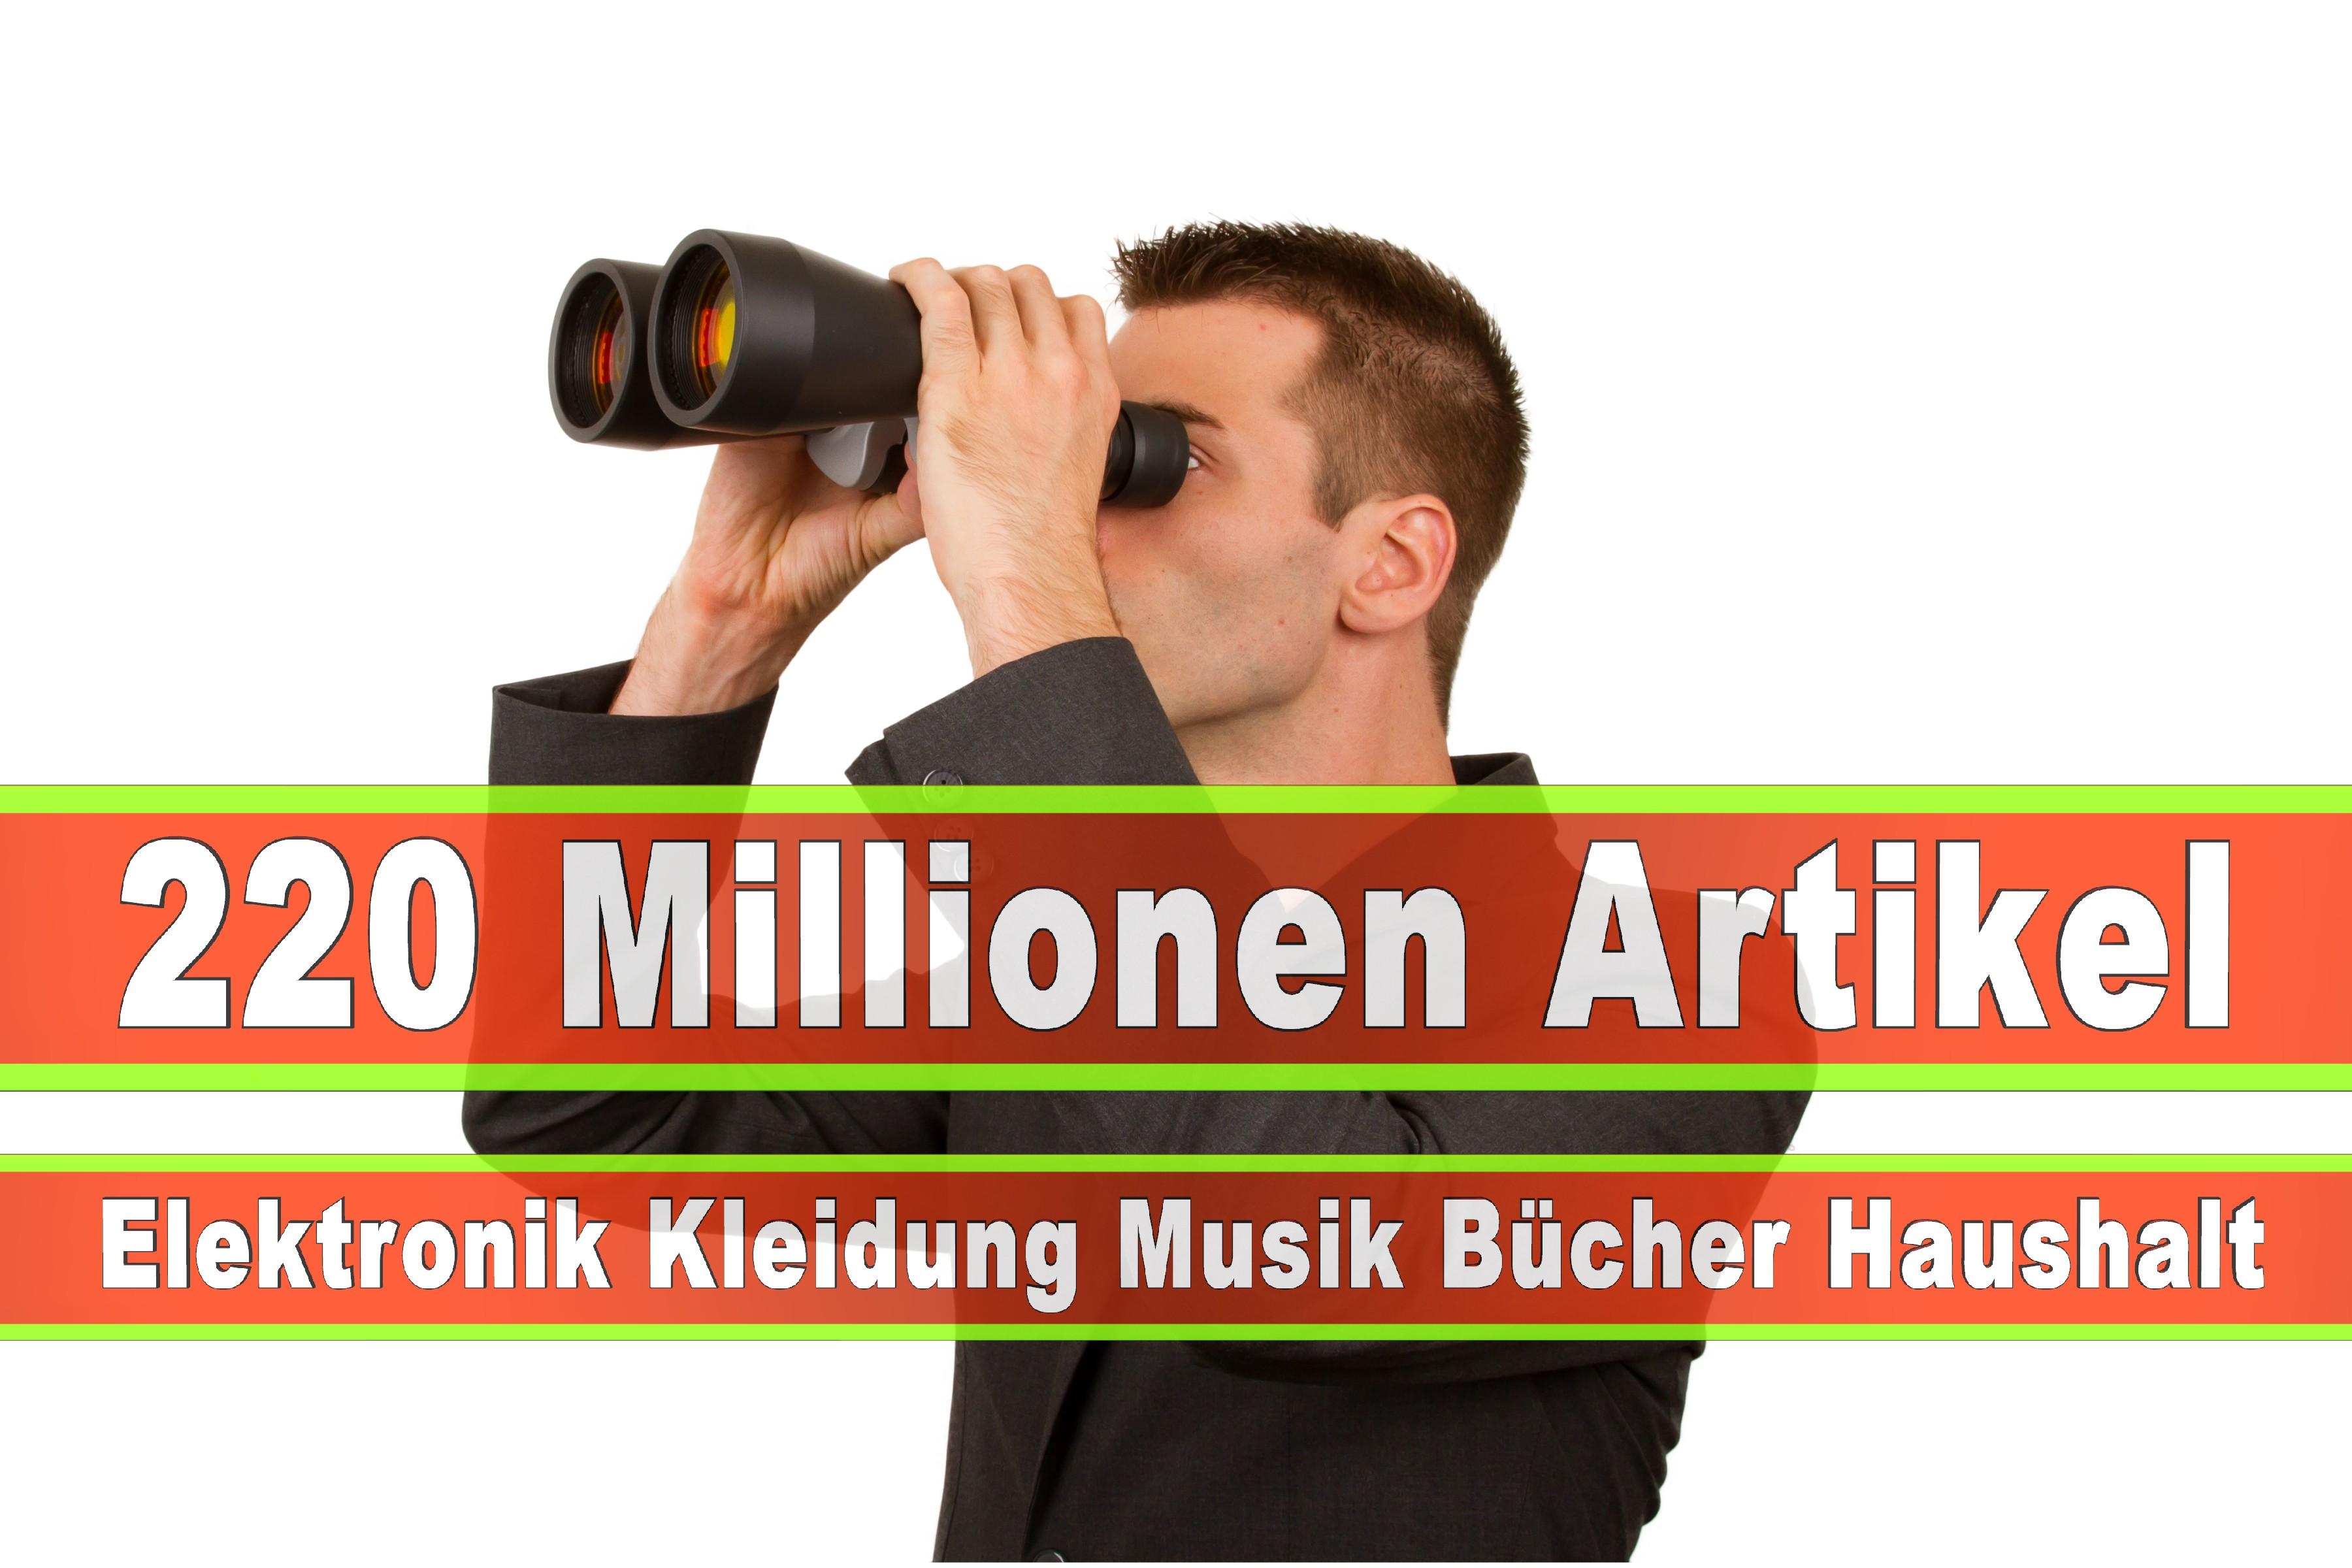 Amazon Elektronik Musik Haushalt Bücher CD DVD Handys Smartphones TV Television Fernseher Kleidung Mode Ebay Versandhaus (62)